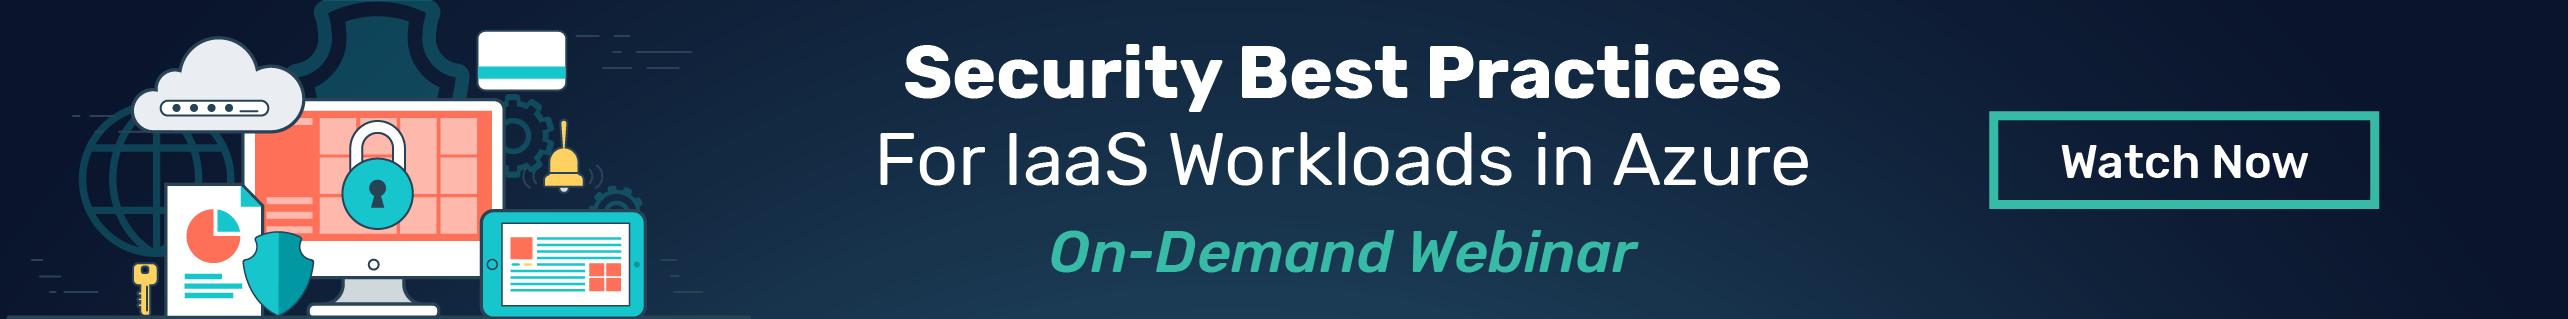 Security Best Practices for IaaS Workloads in Azure